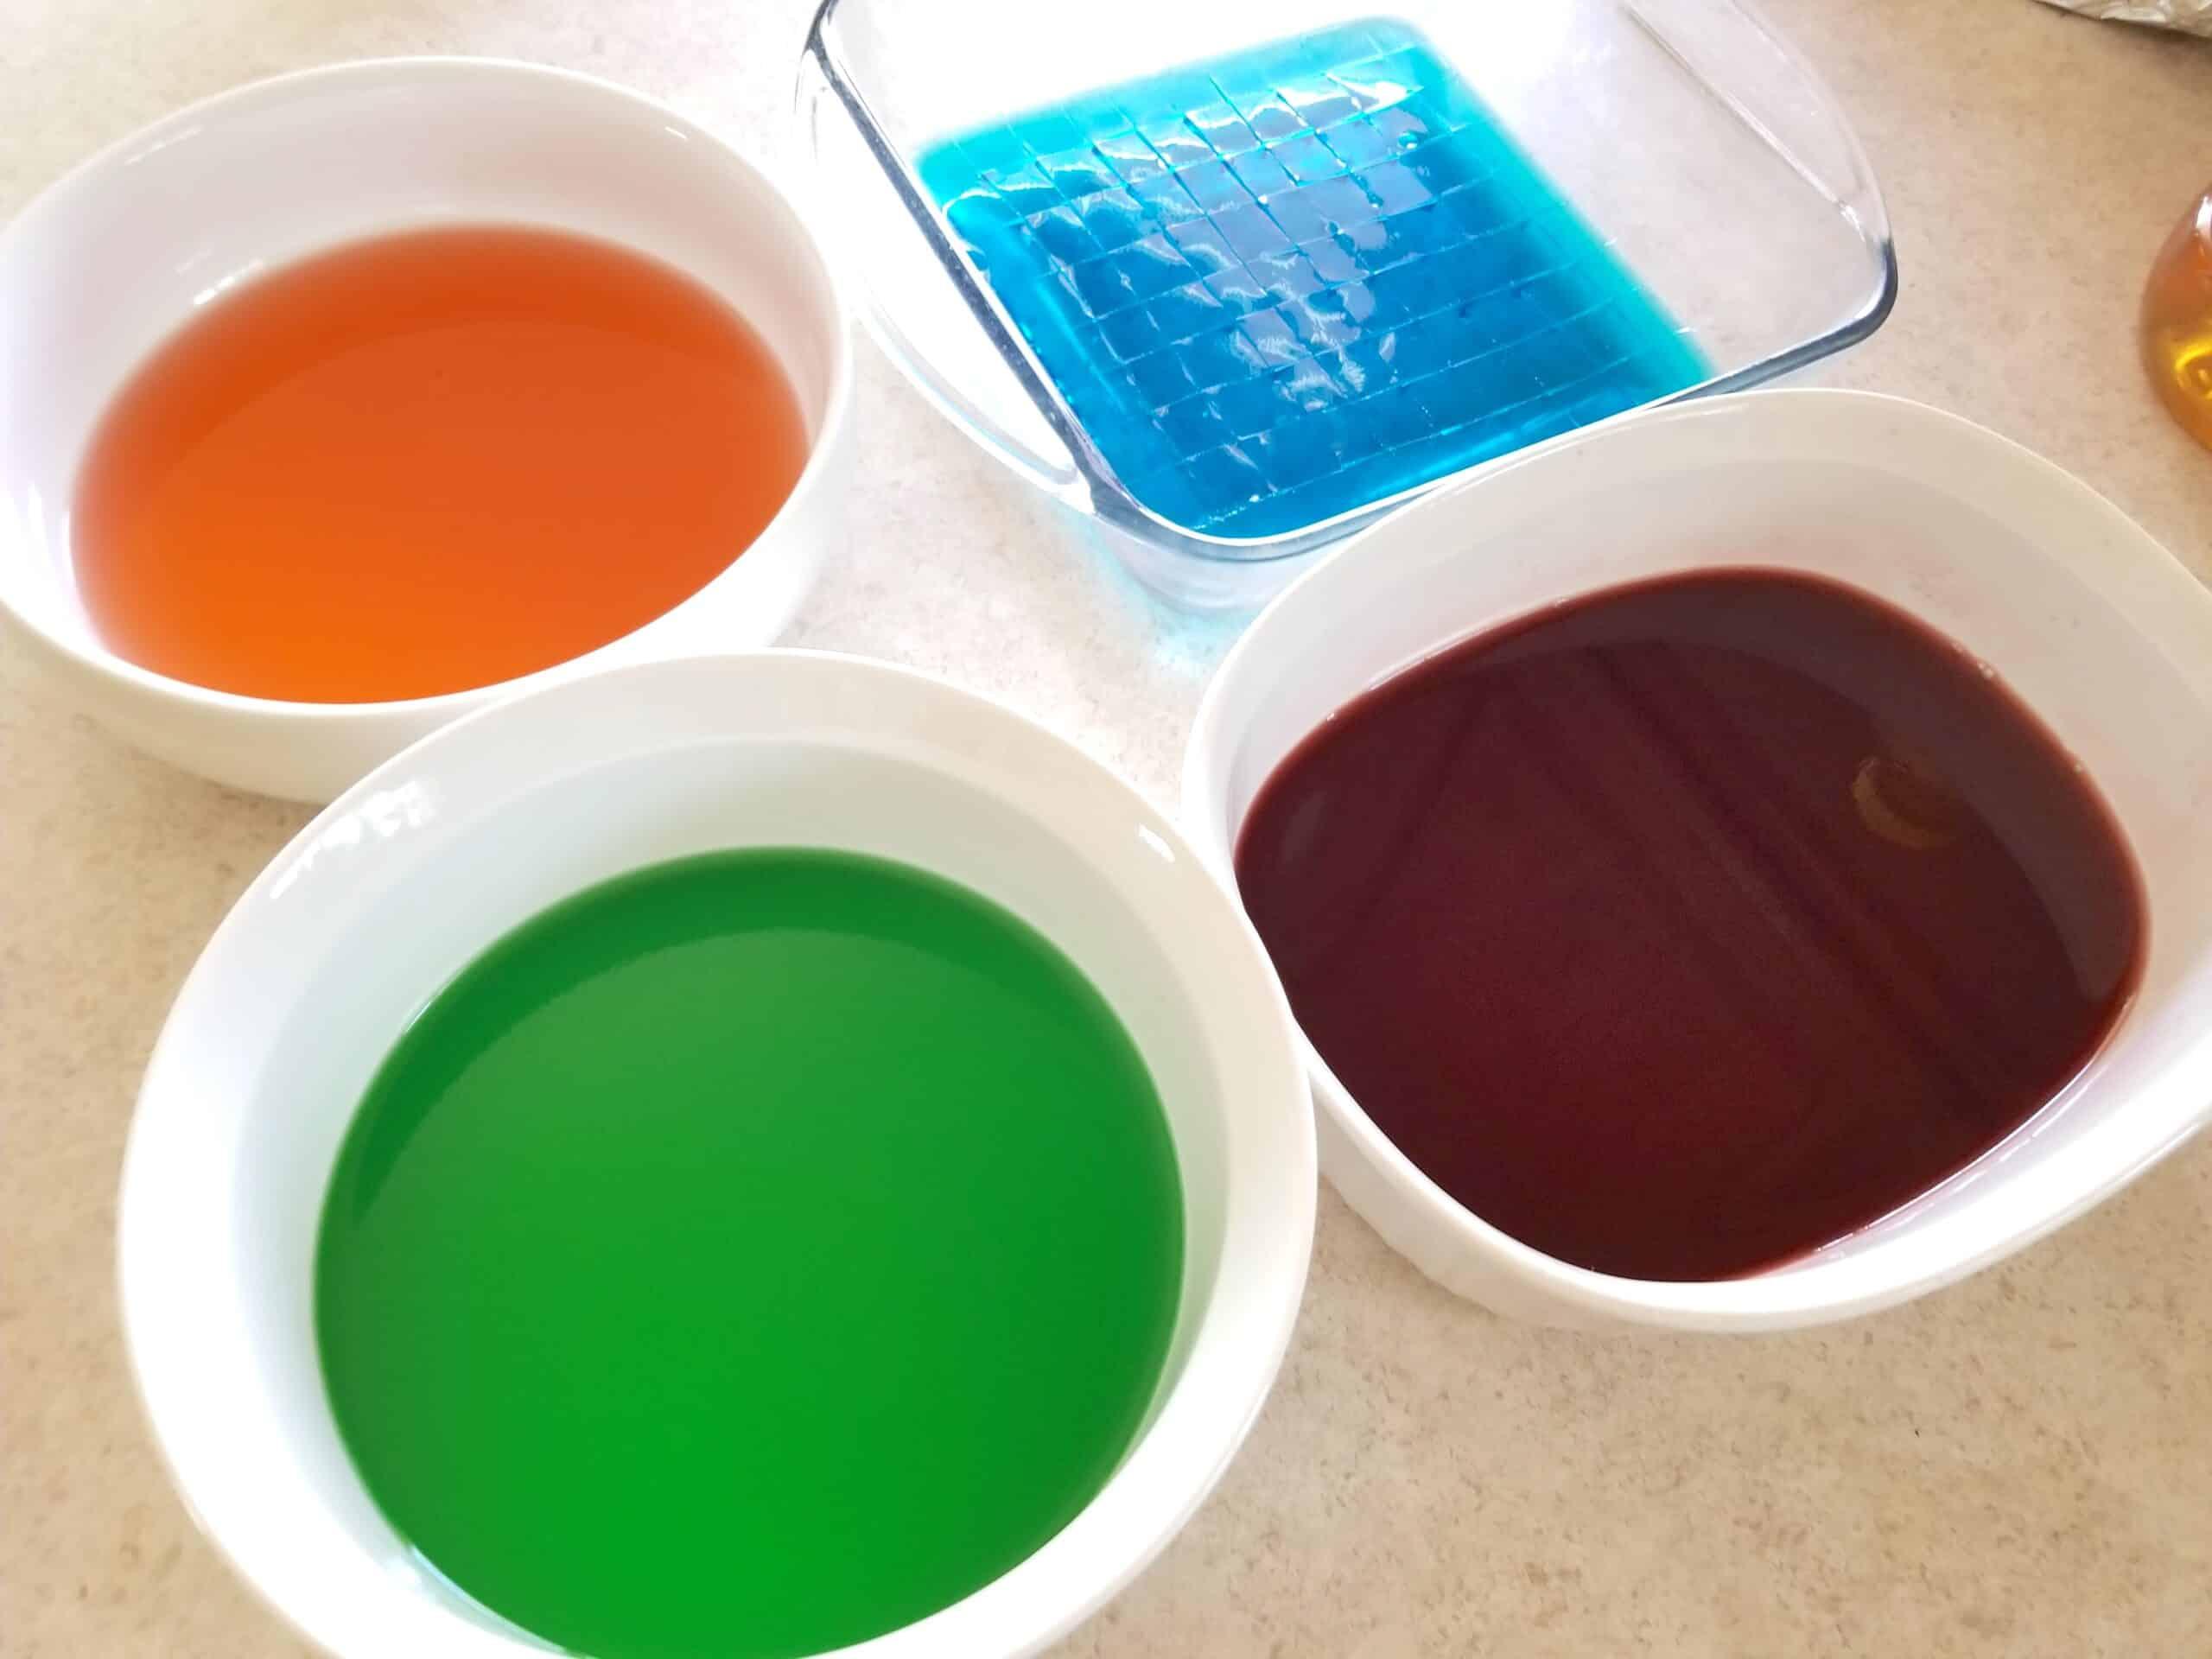 colorful jello dishes